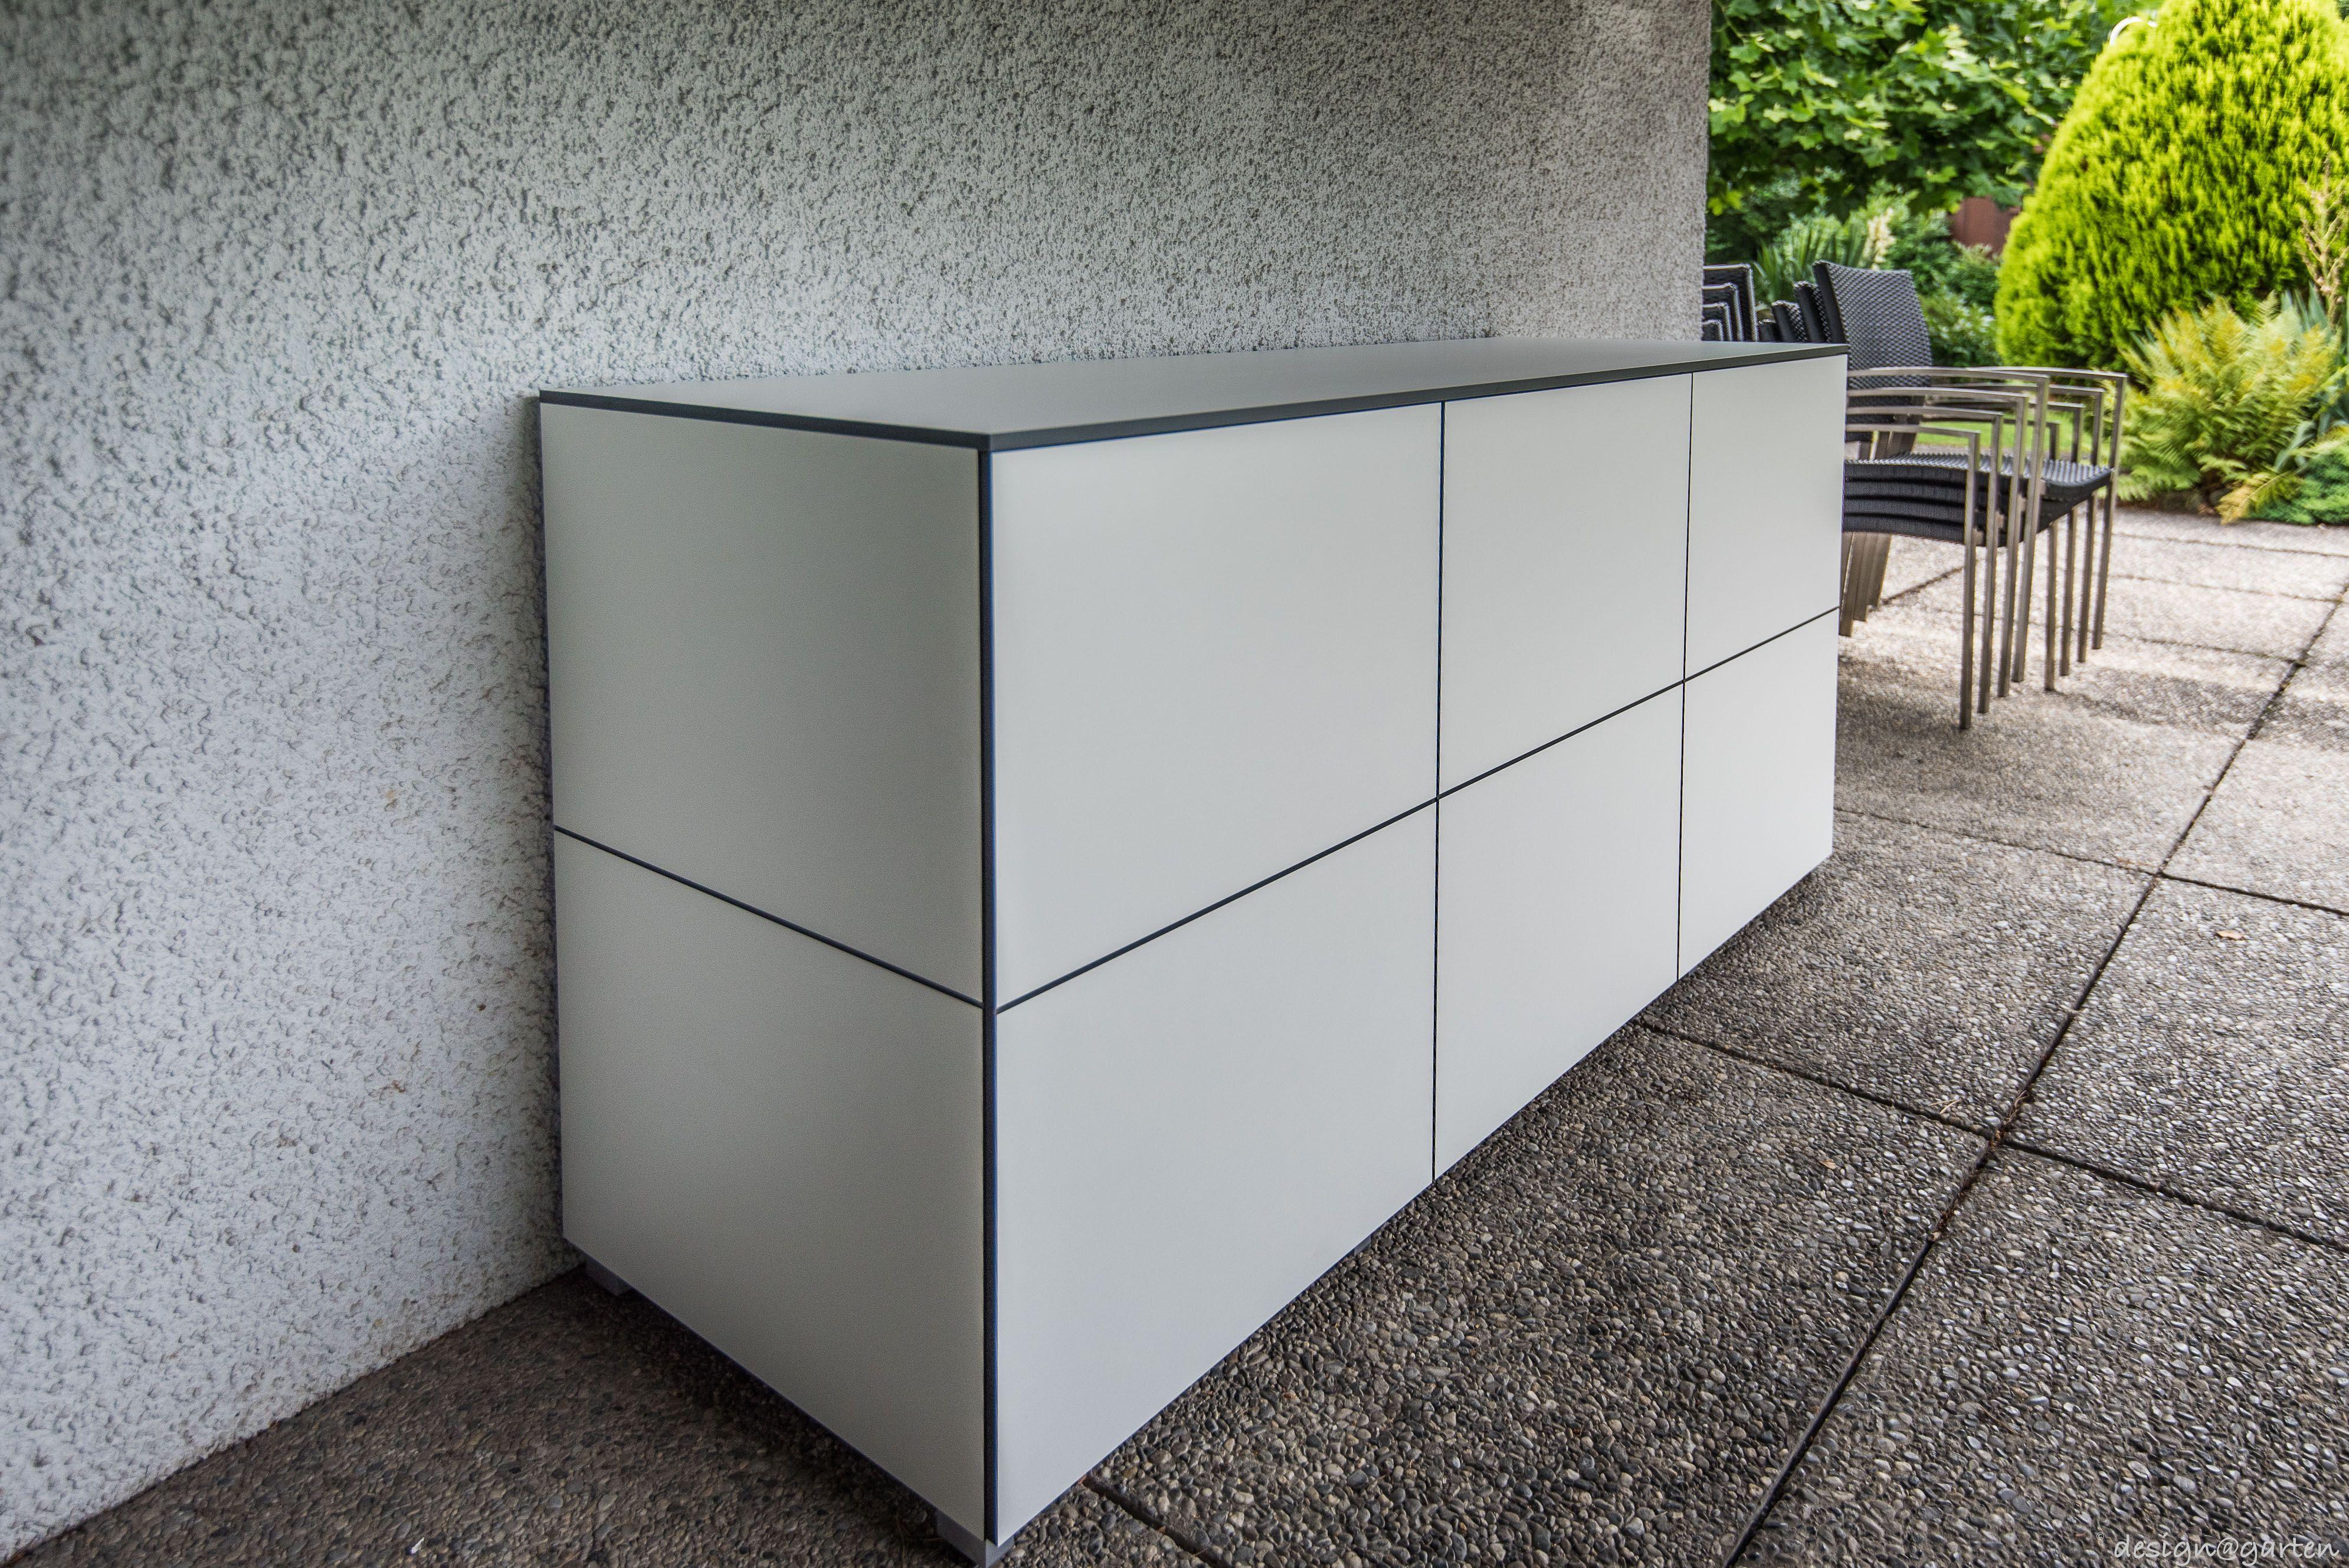 Terrassenschrank Win Nach Mass By Design Garten In Arbon Schweiz Von Design C Garten In Augsburg Germany Grifflos Uv Gartenschrank Balkonschrank Schrank